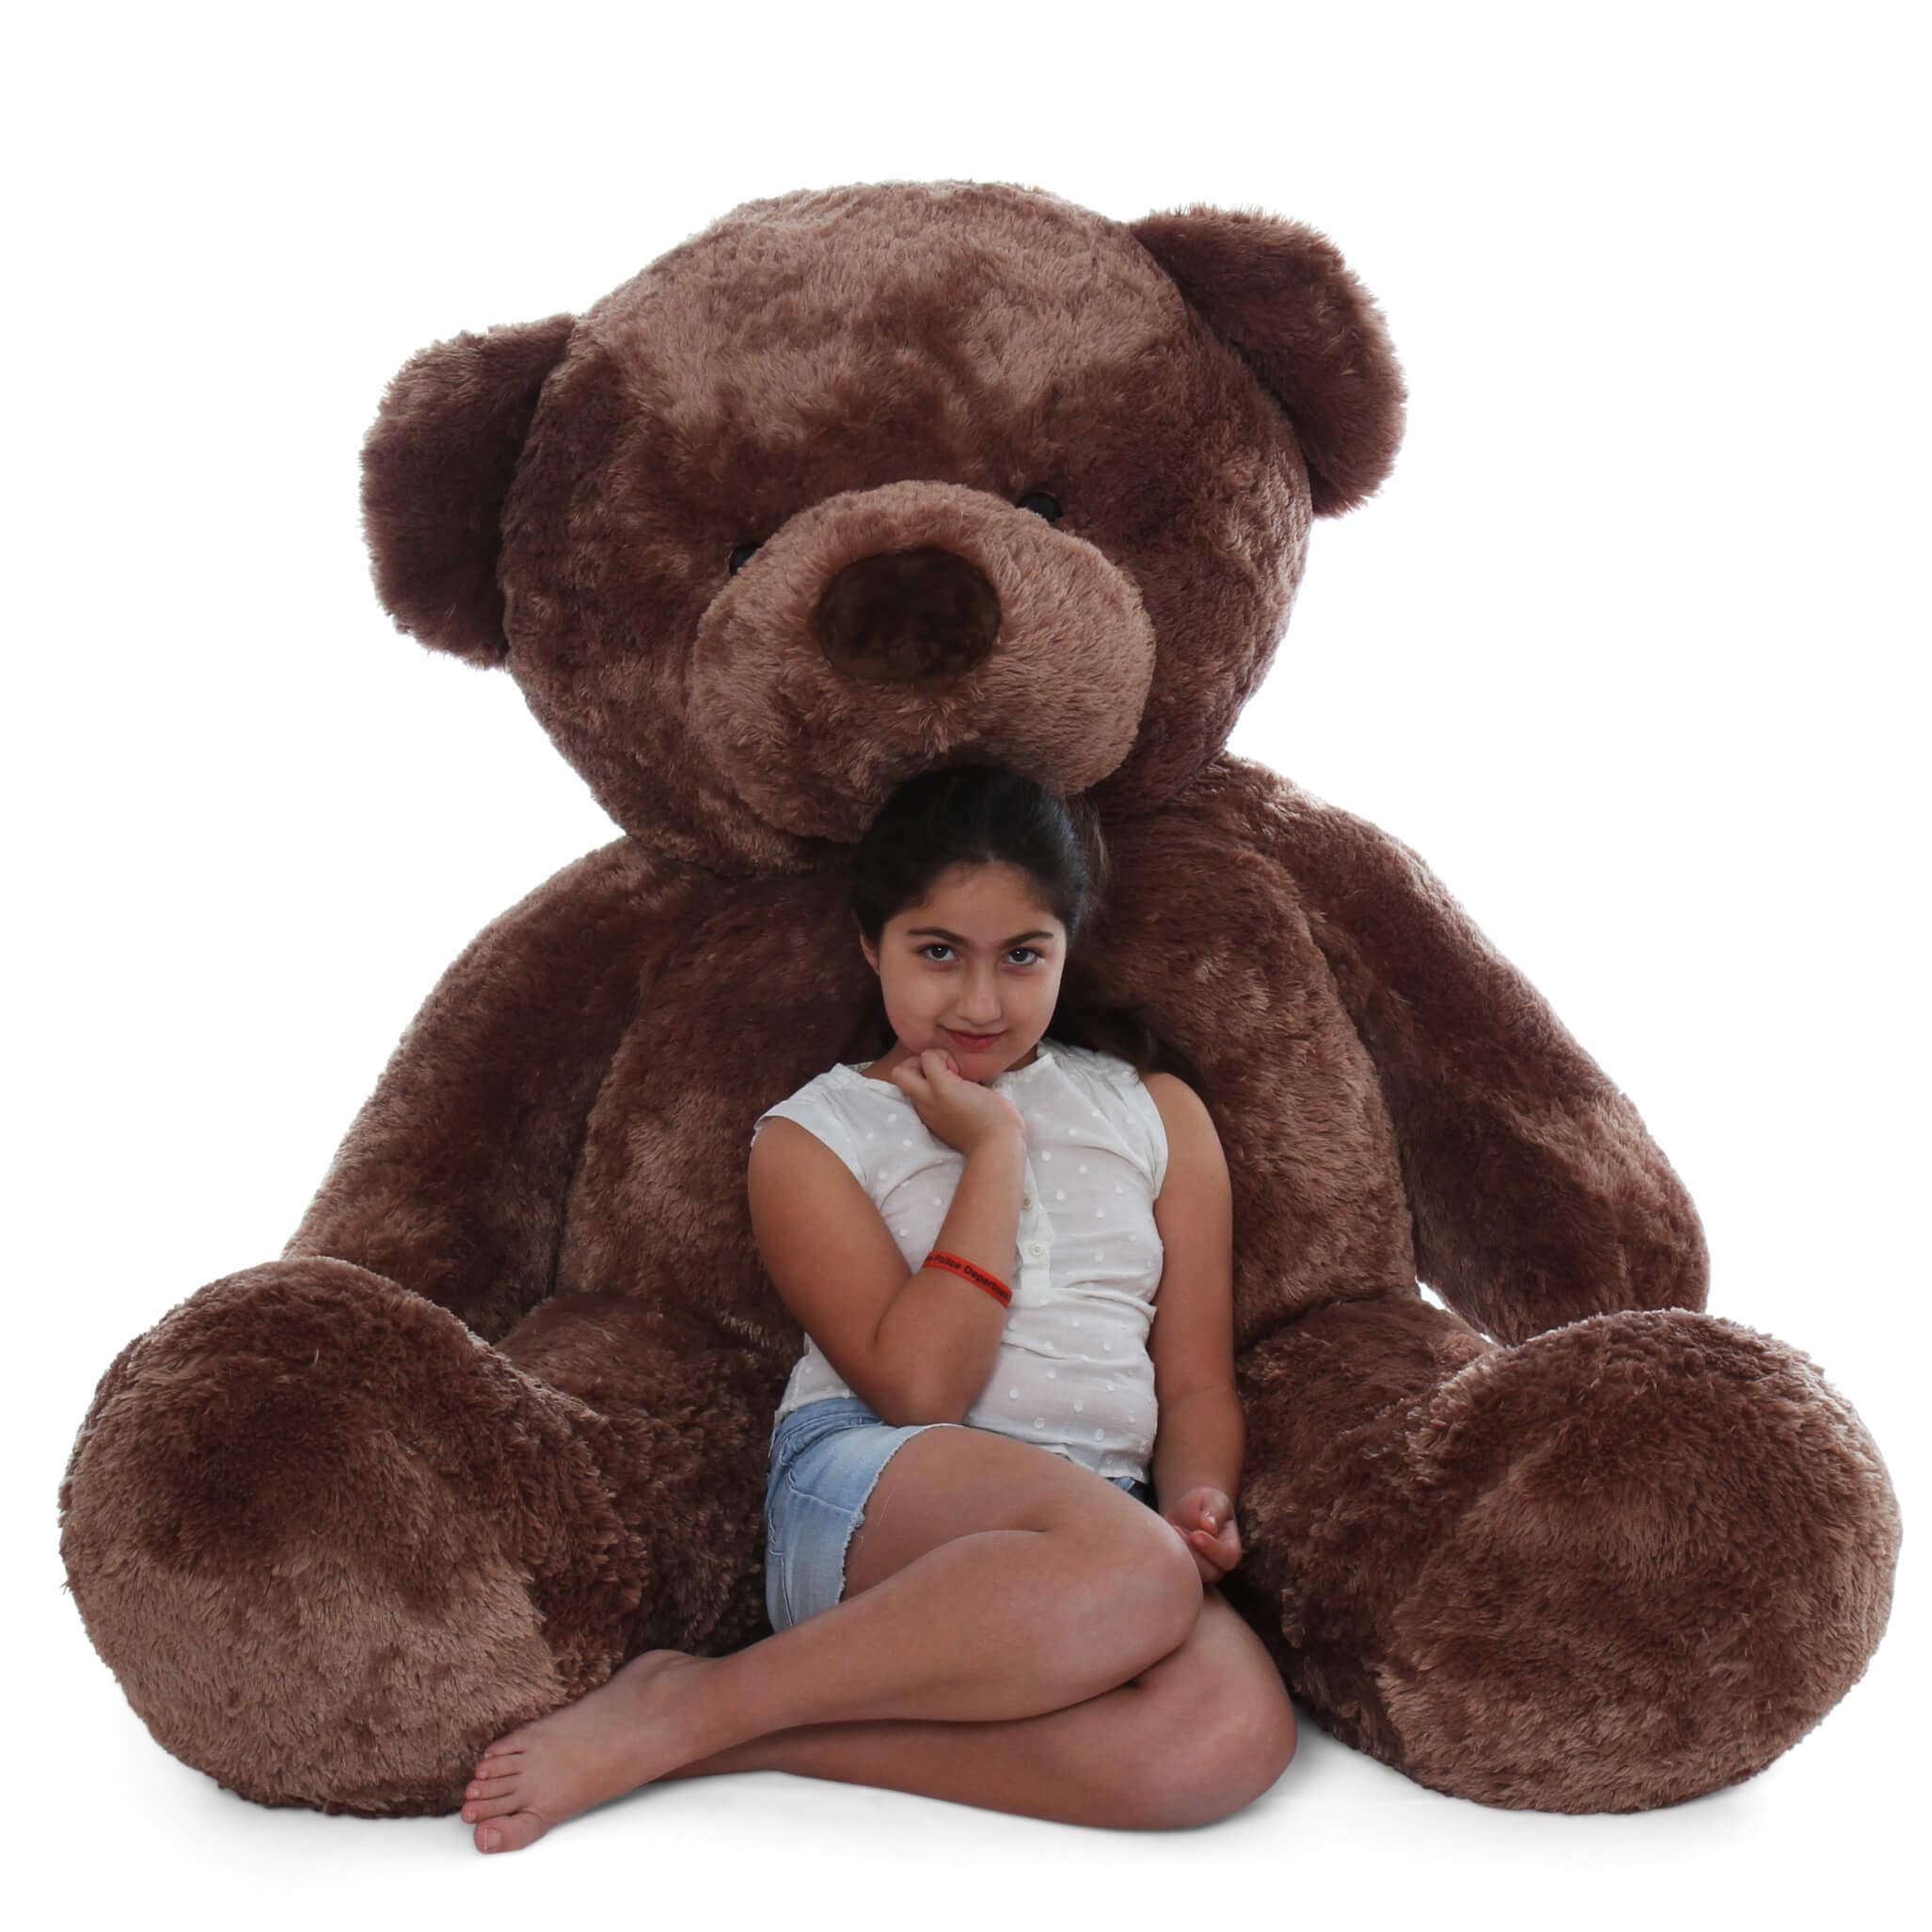 big-mocha-teddy-best-gift-bear-big-chubs-6ft-1.jpg